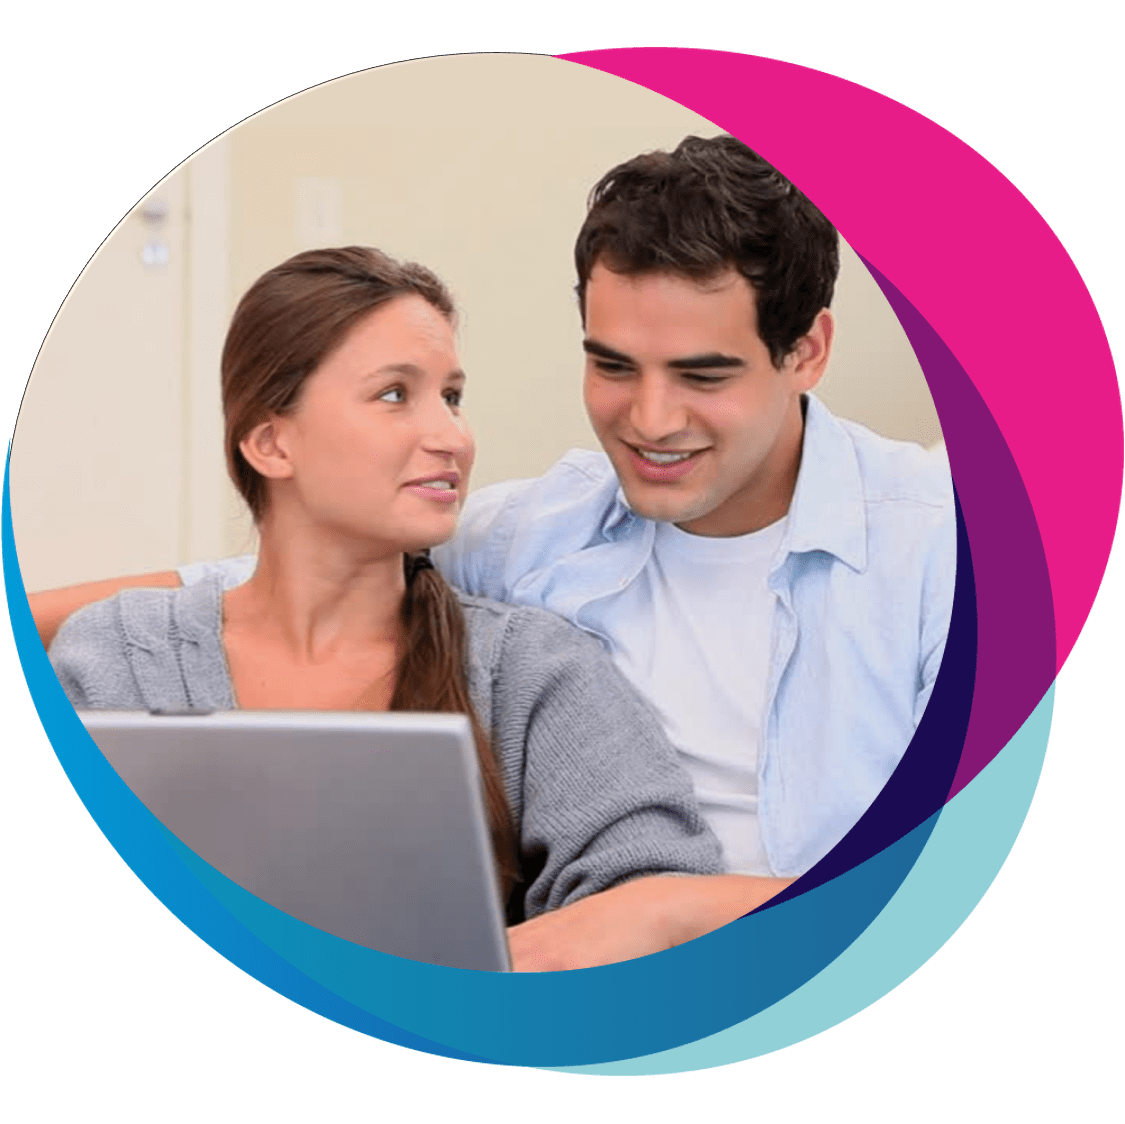 Szkolenie Online Dla Rodziców